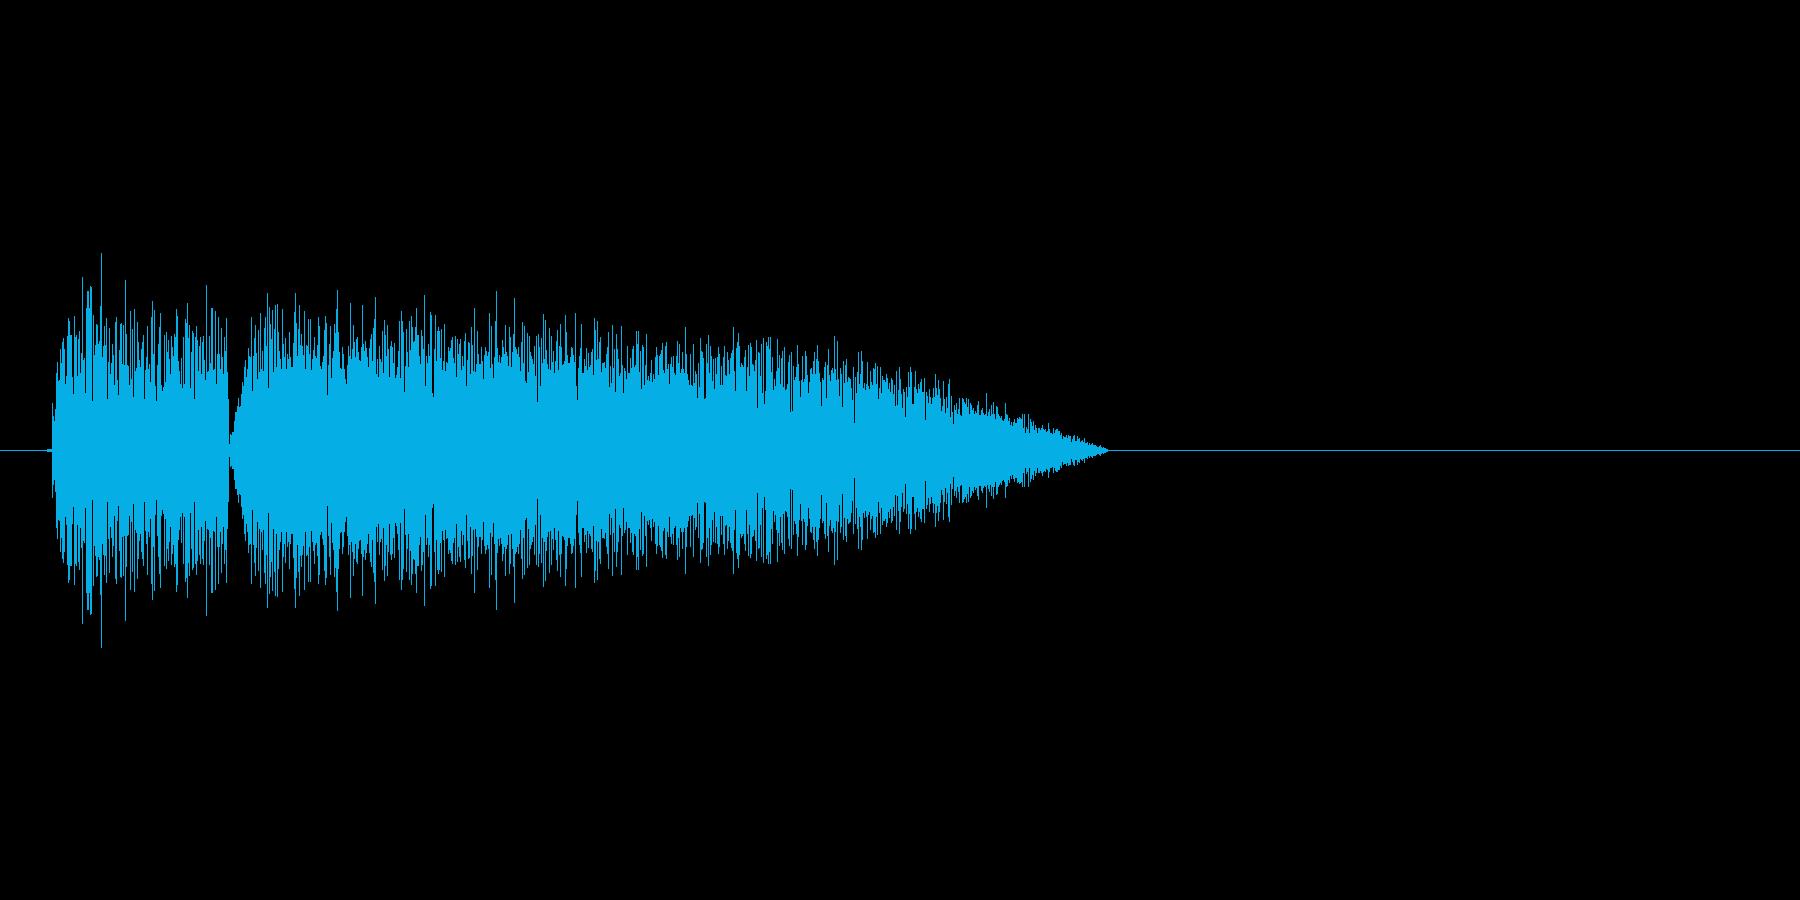 8bitの水音 ザパーンの再生済みの波形